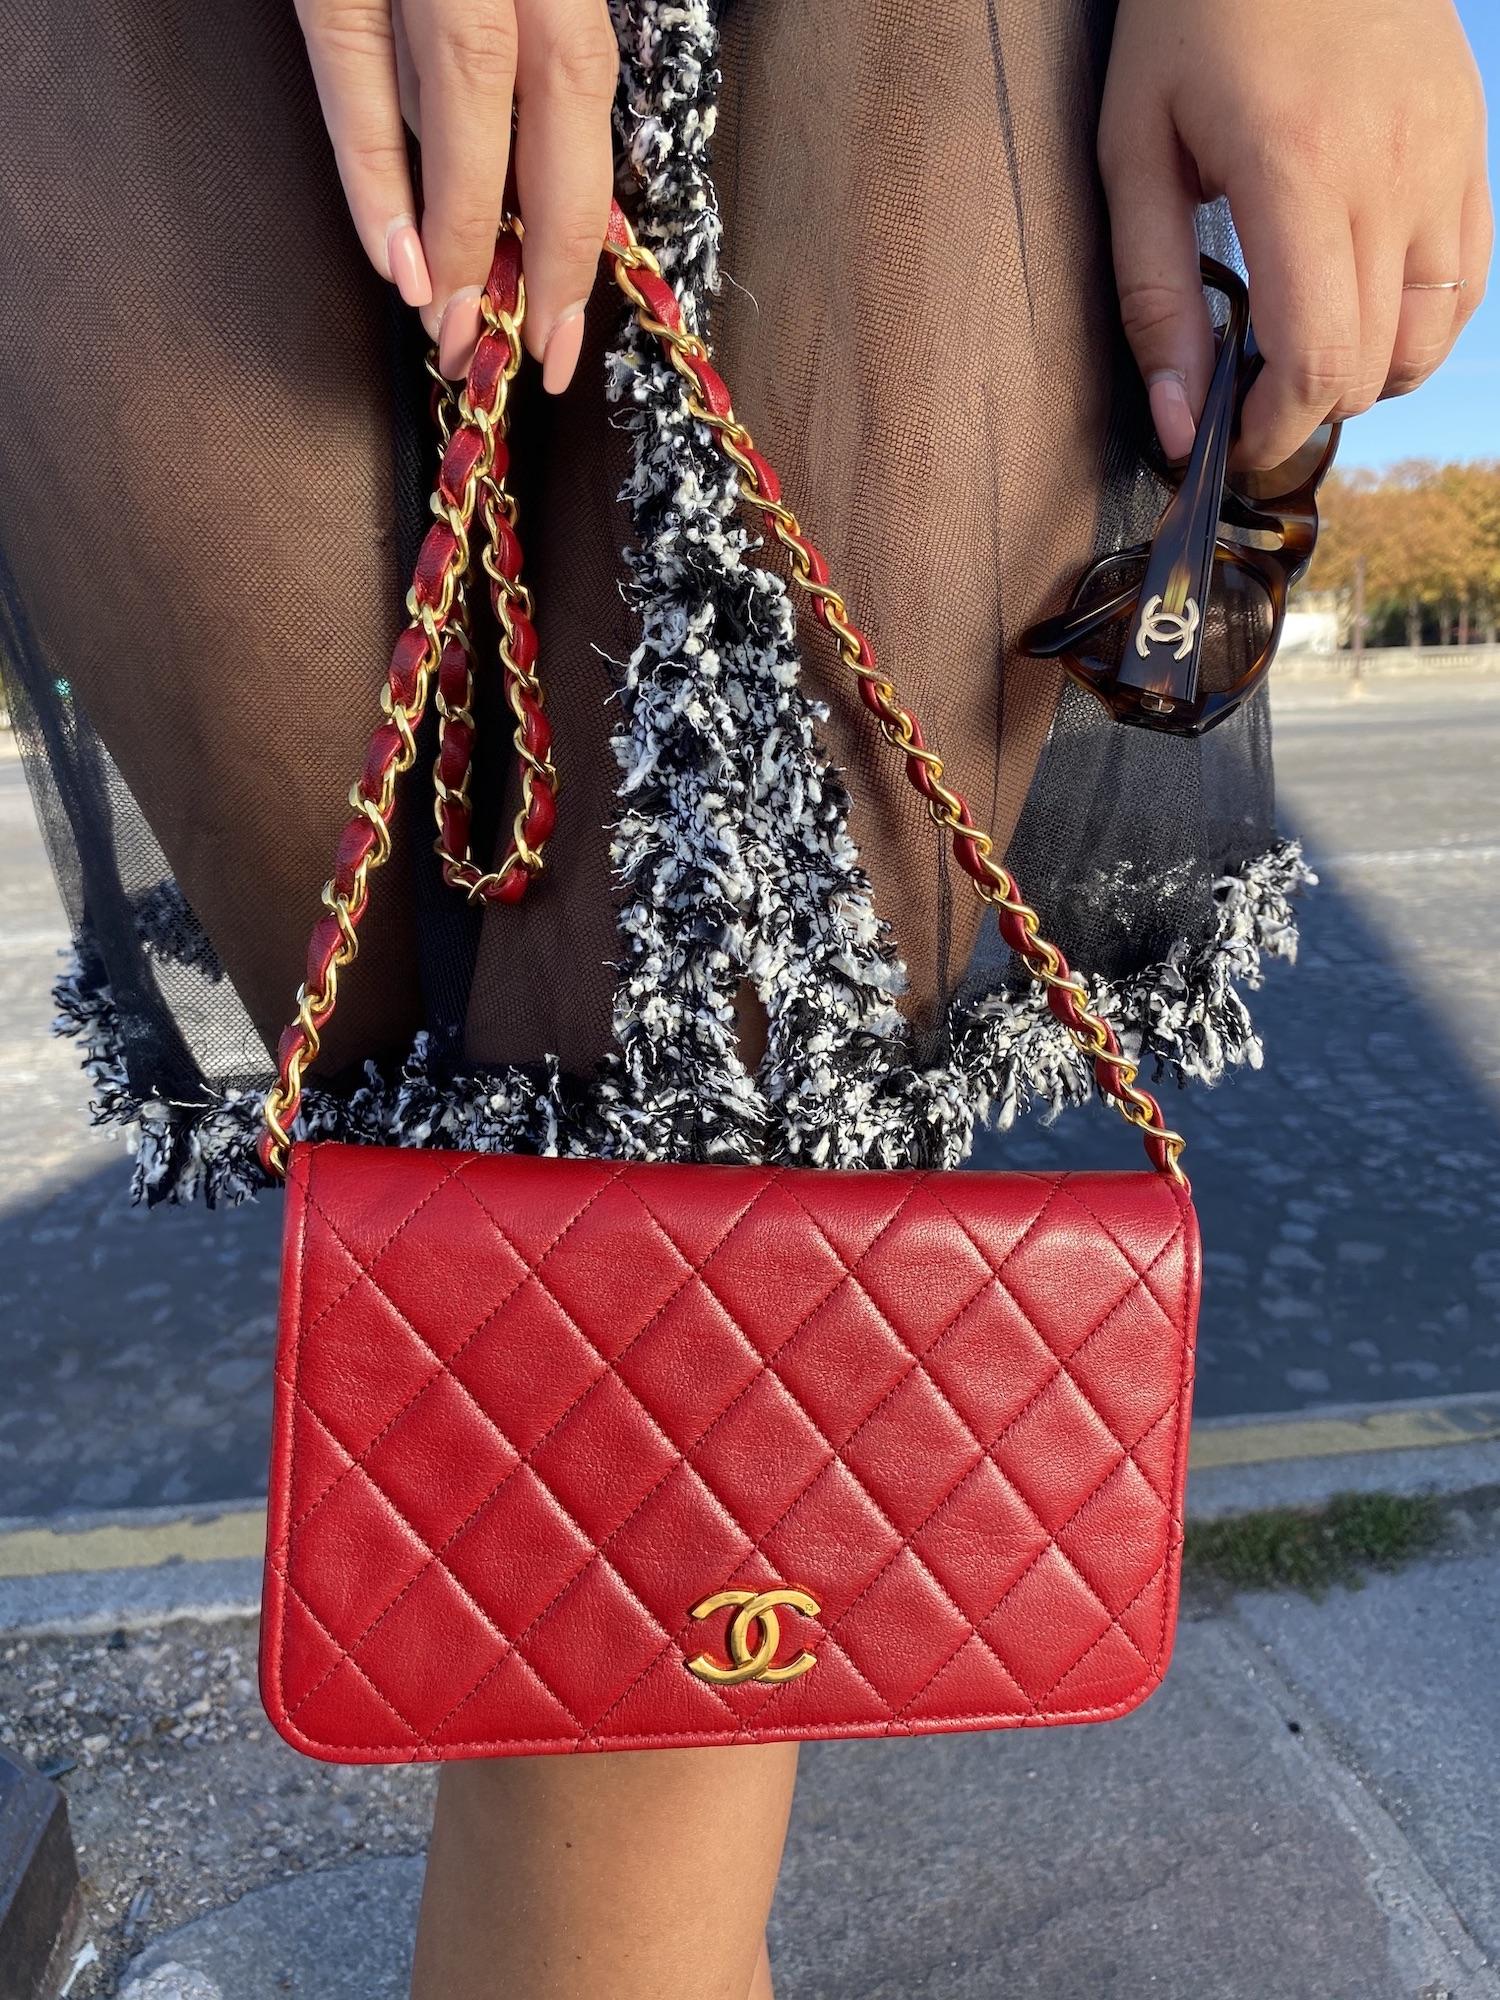 Get 15% of vintage designer bags